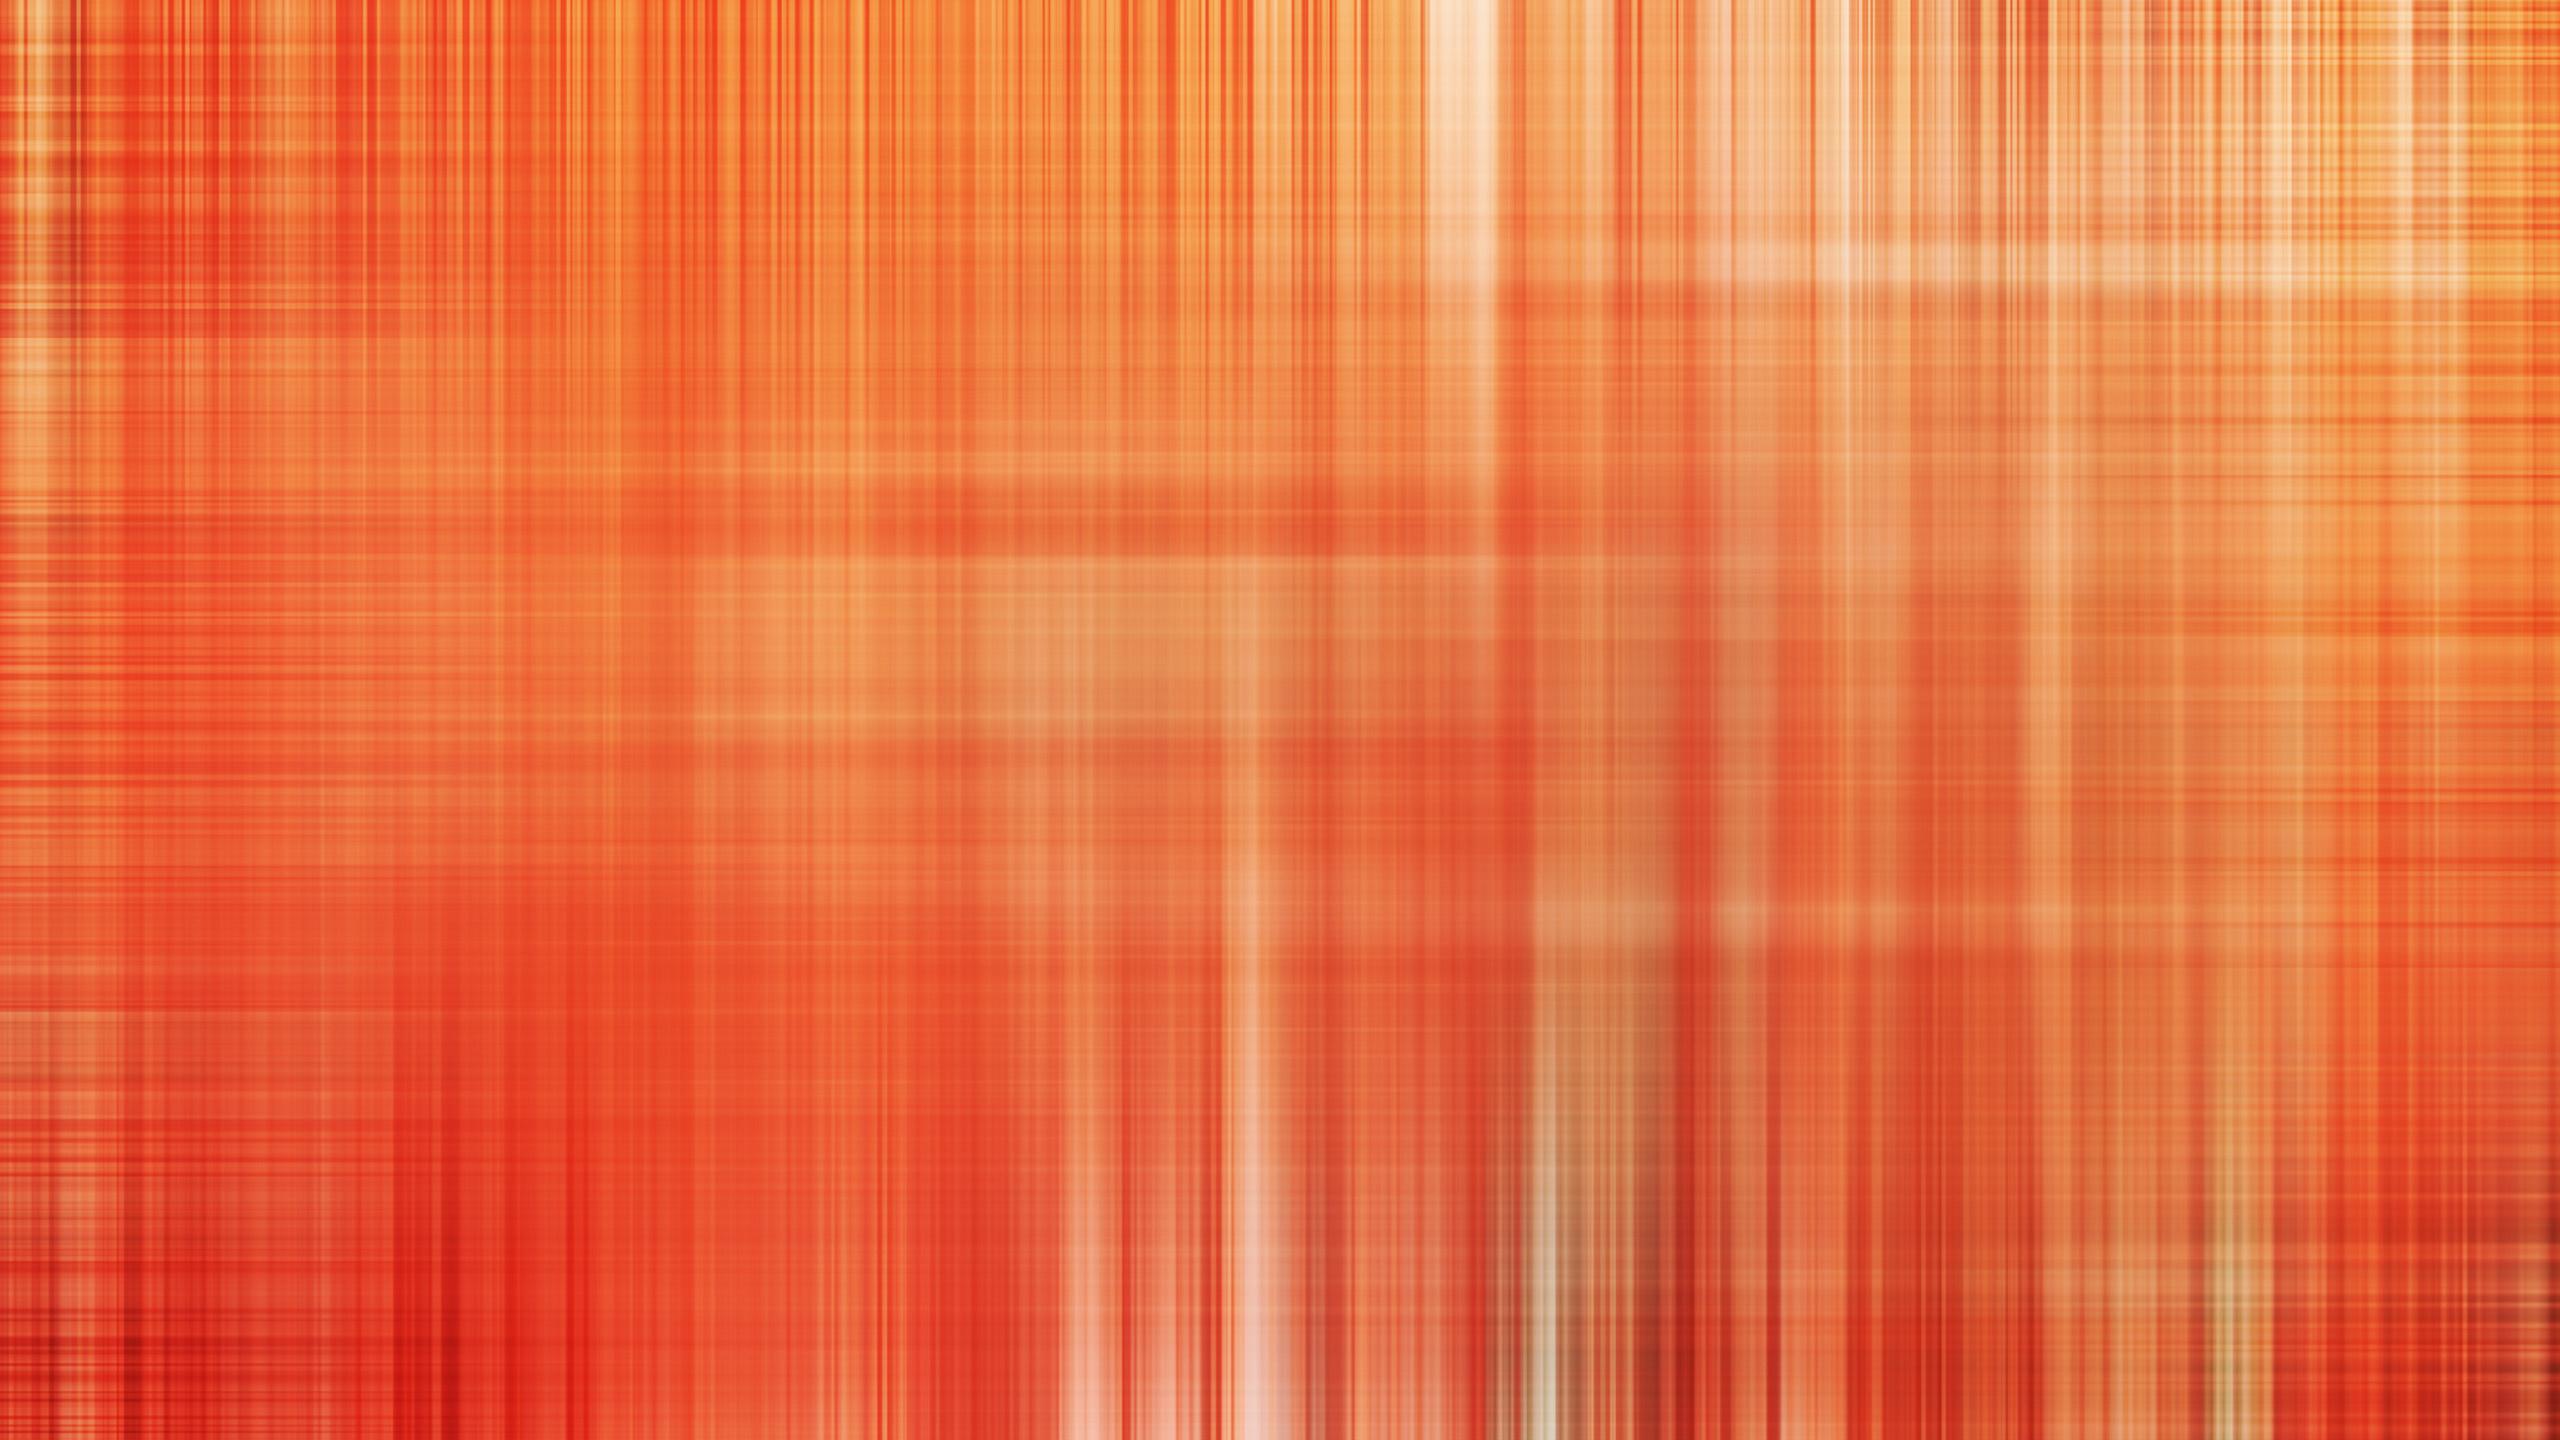 цвета, линии, квадраты